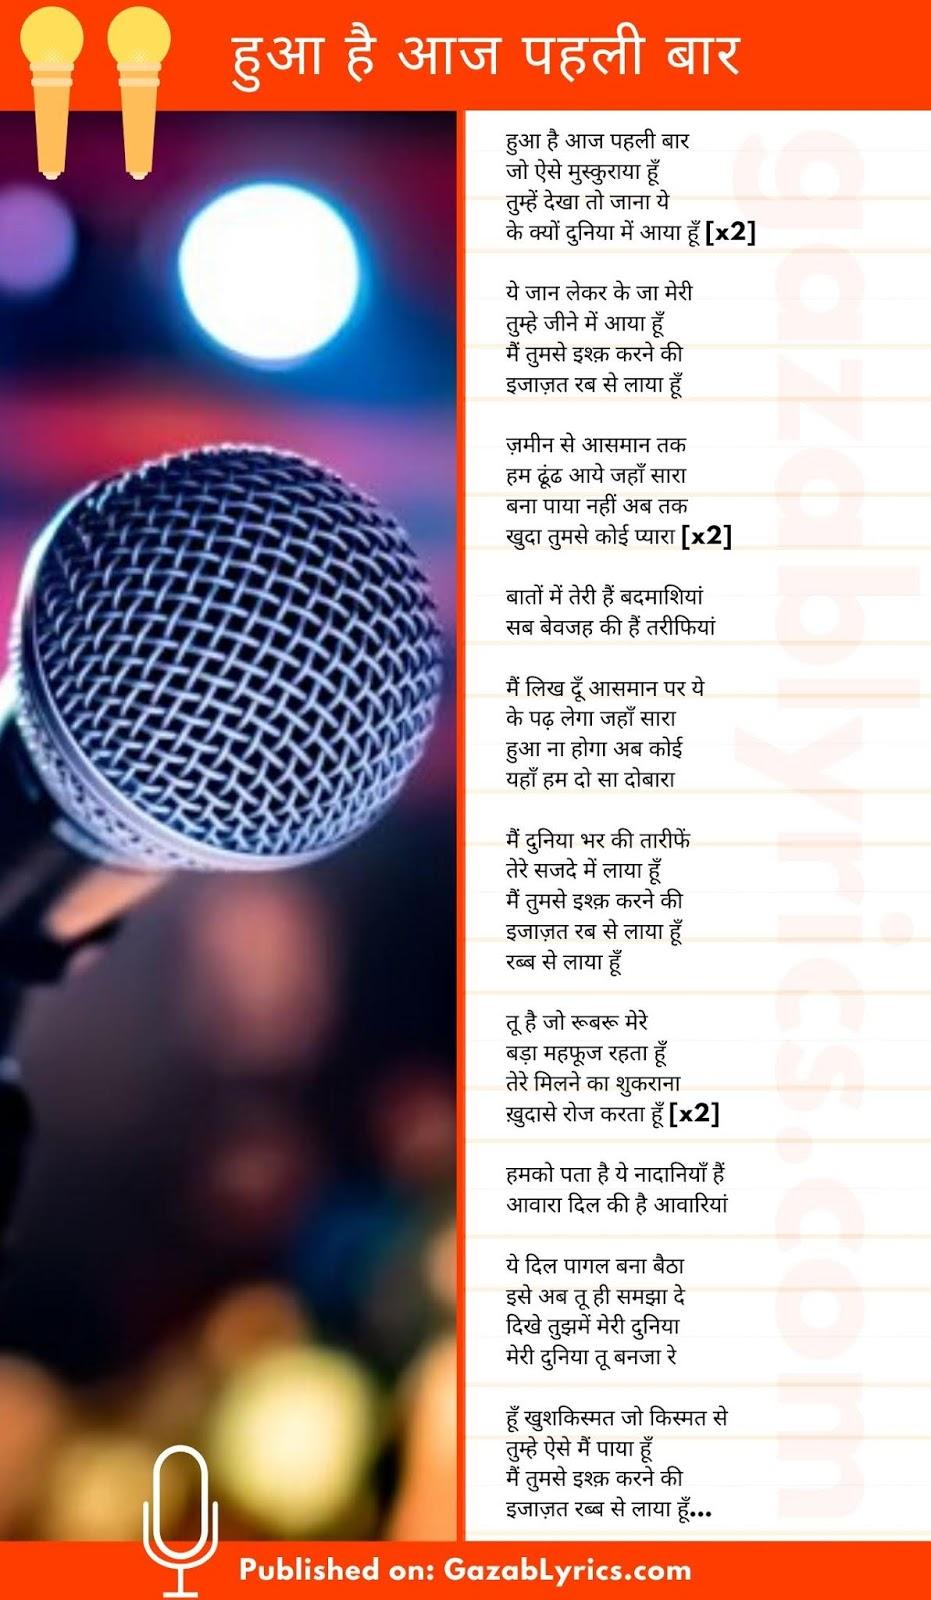 Hua Hain Aaj Pehli Baar song lyrics image